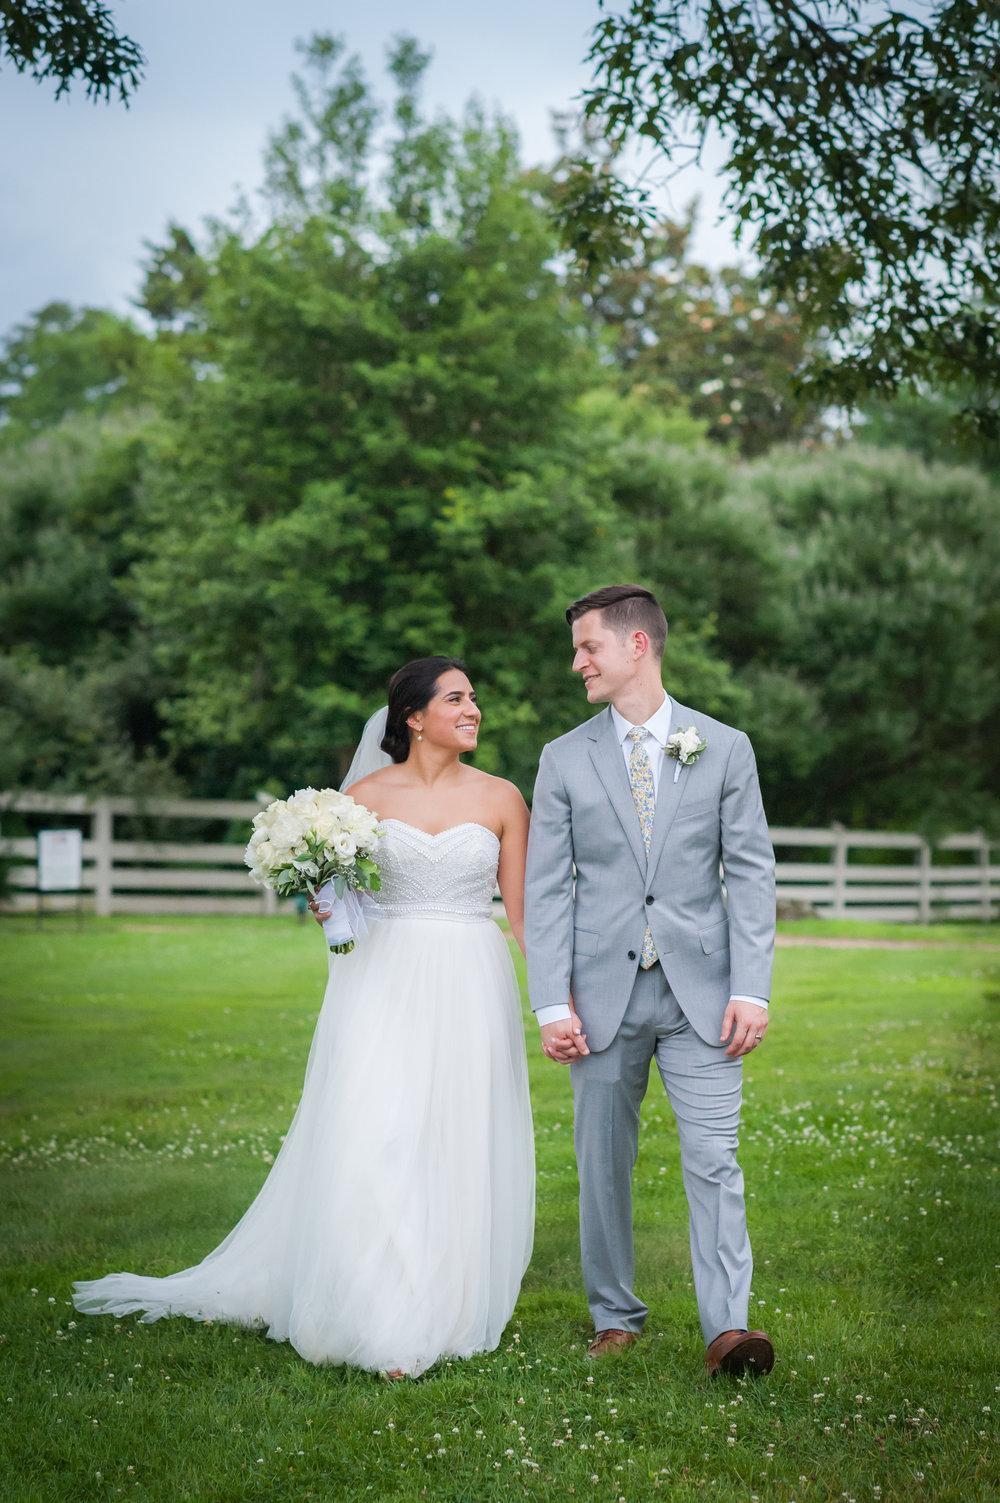 062318 VA Sara Smith + Rob - Jamie Zunno Photography LC DHPortraits-30.jpg